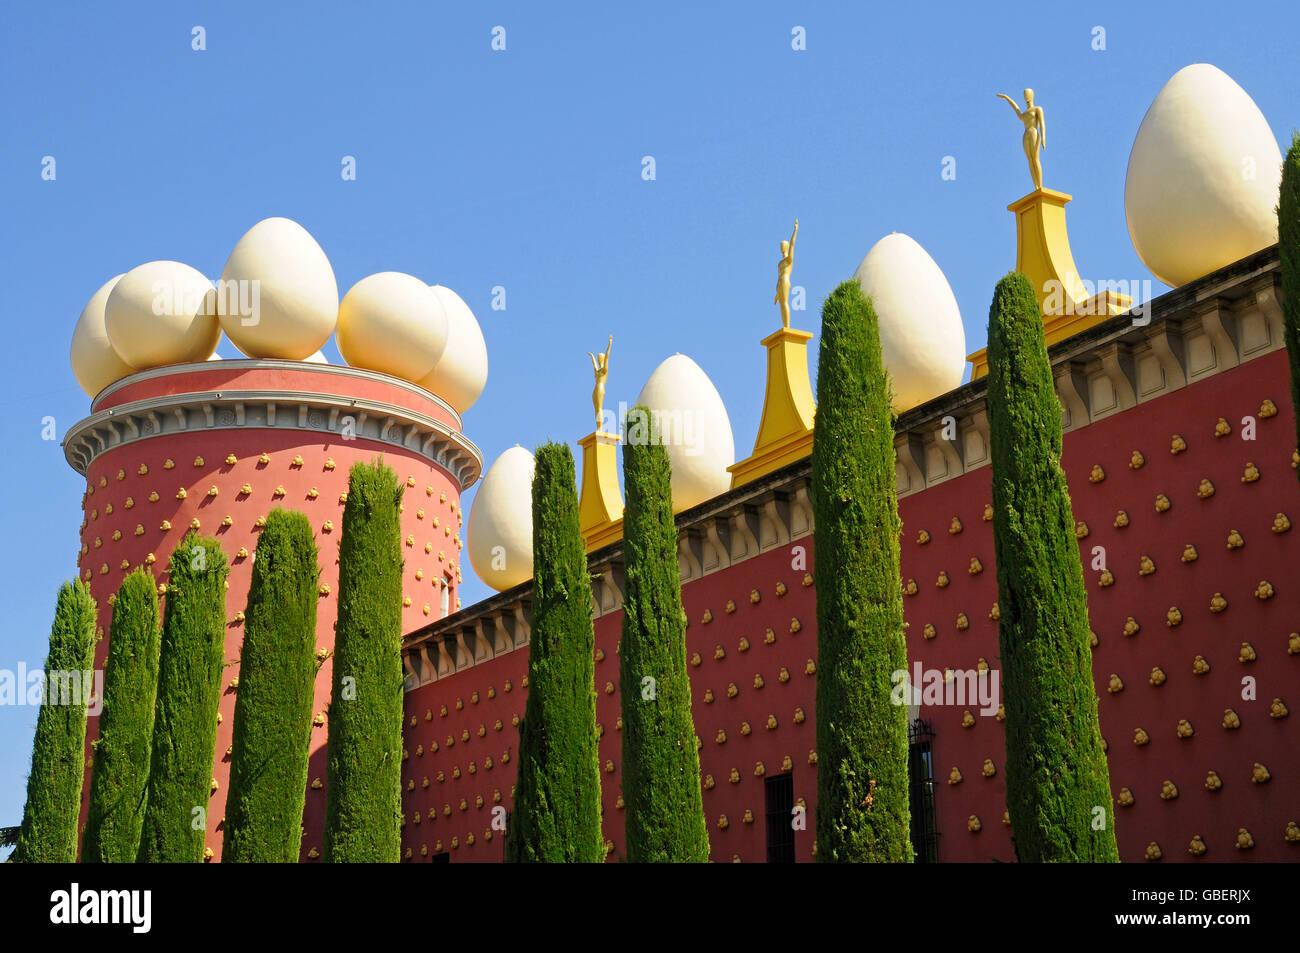 Dali Theatre and Museum, Figueres, Costa Brava, Catalonia, Spain / Salvador Dali, Teatre Museu Dali - Stock Image